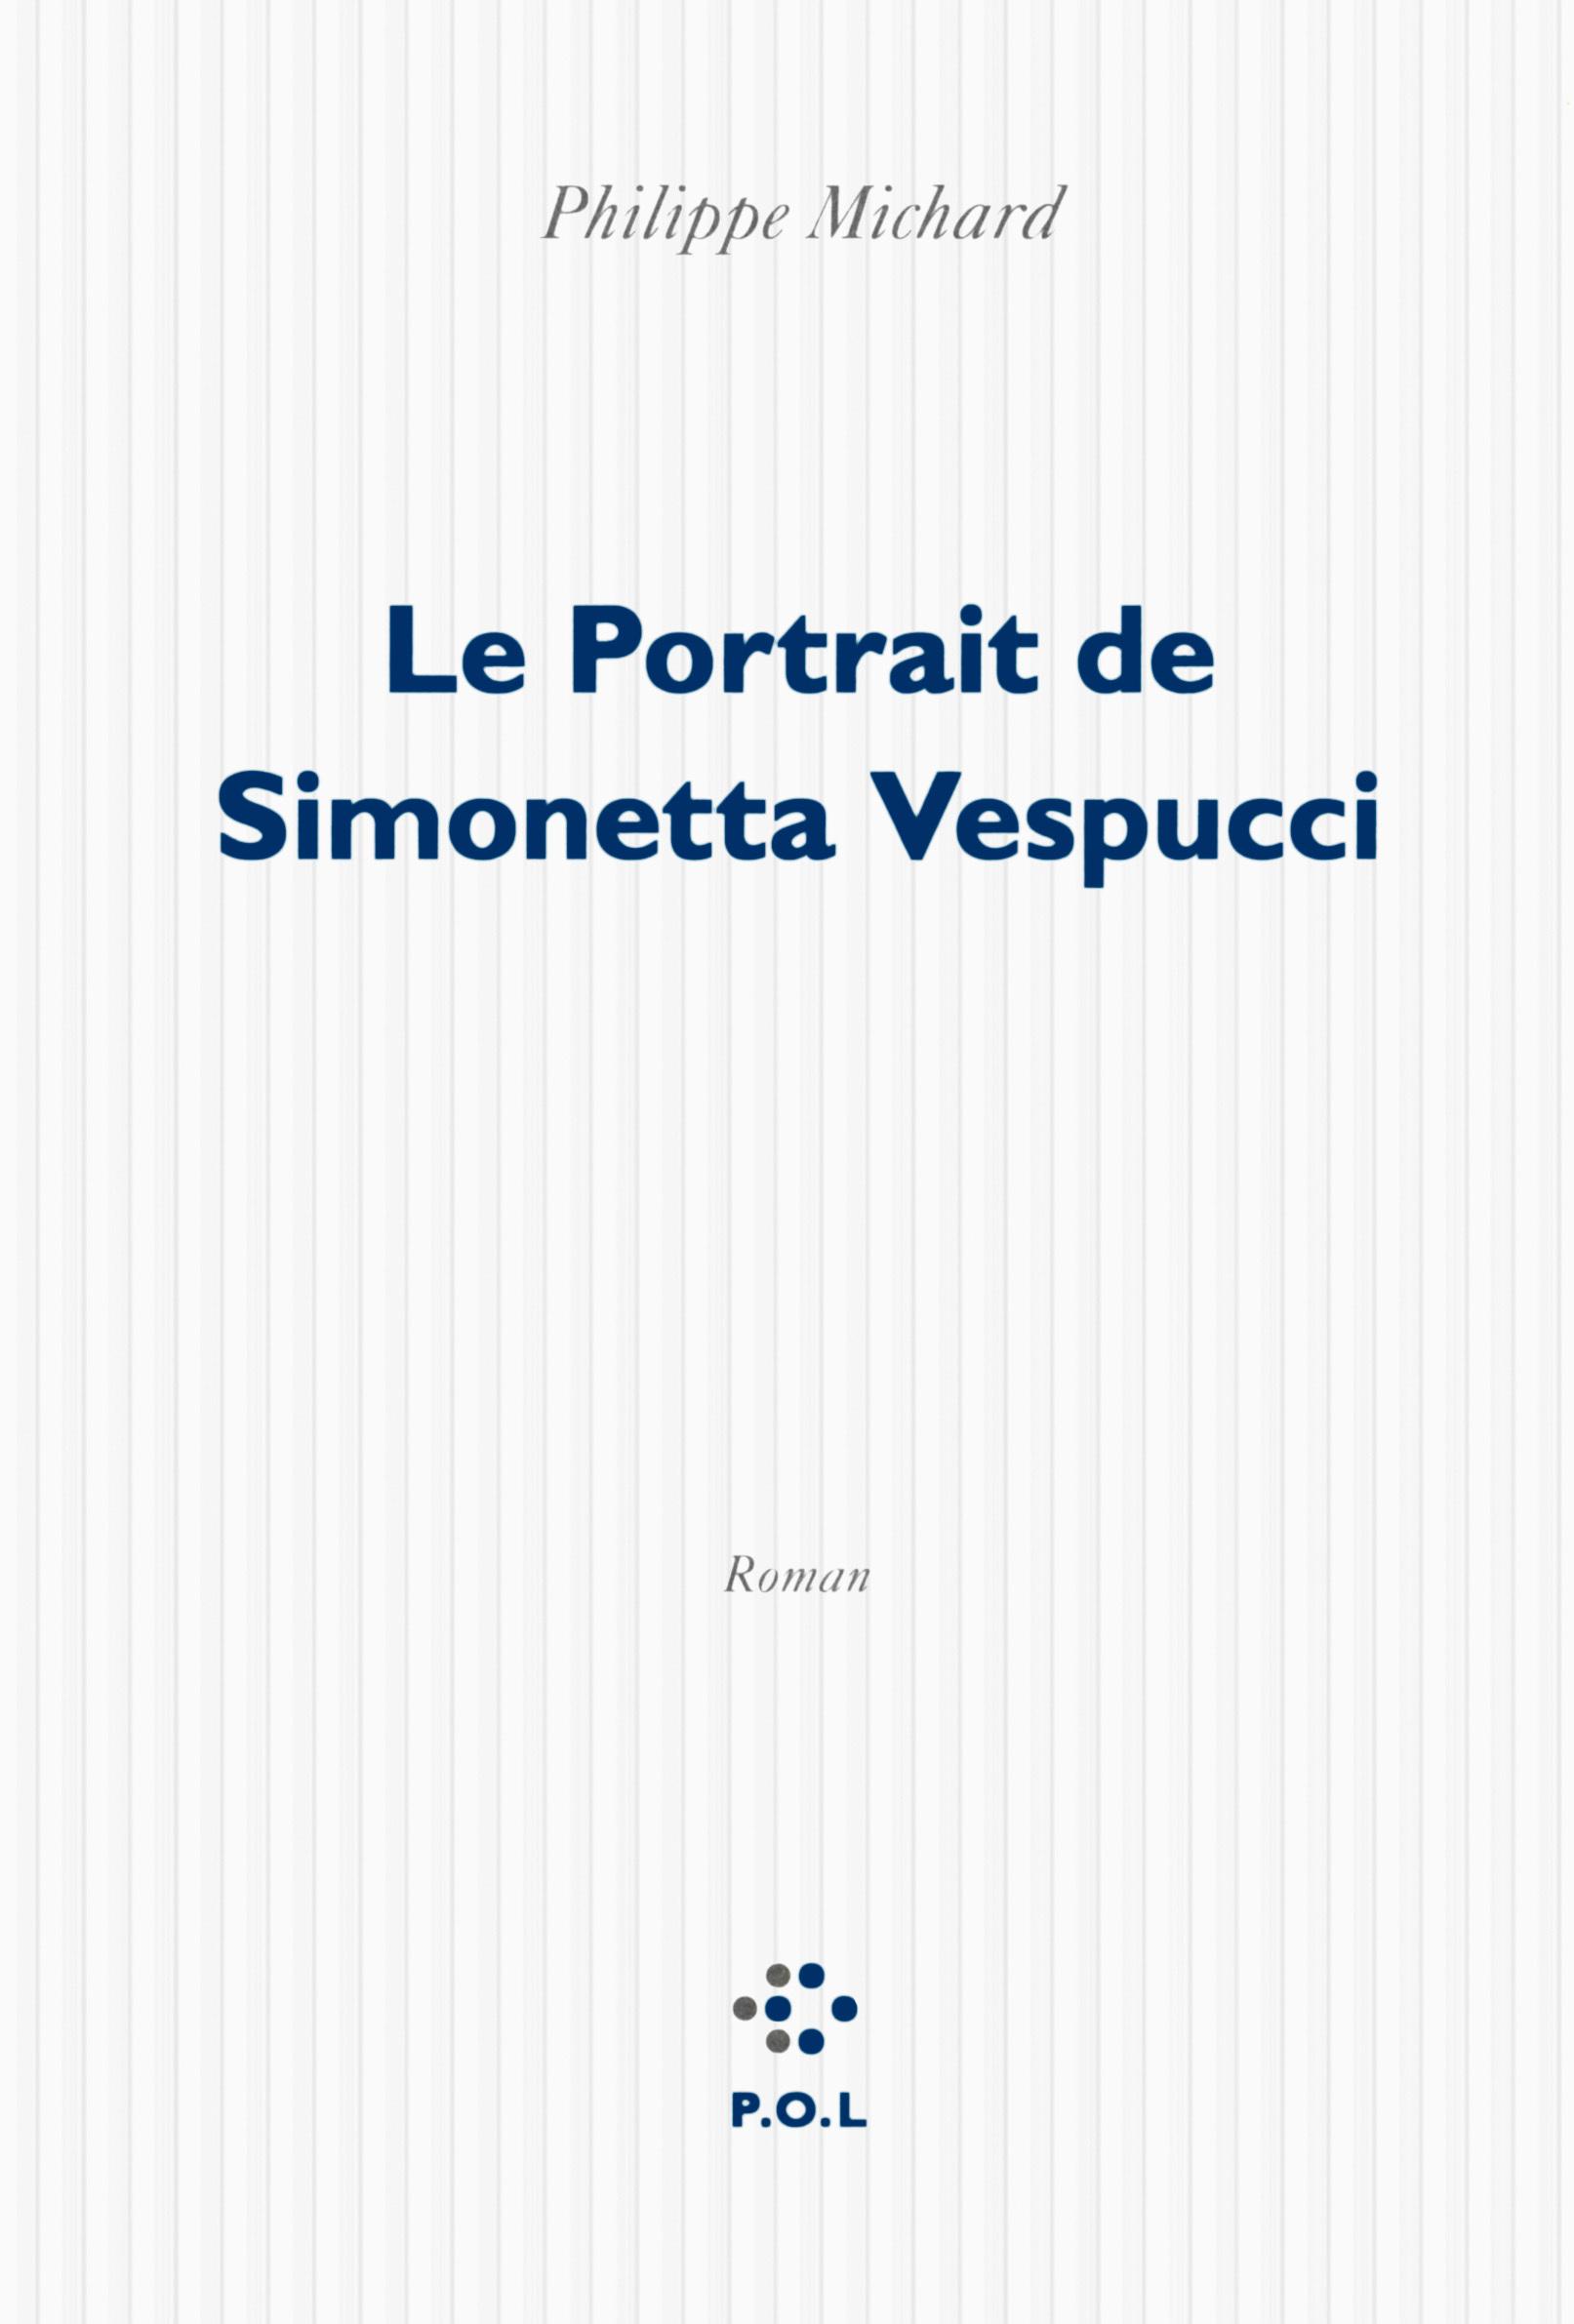 LE PORTRAIT DE SIMONETTA VESPUCCI